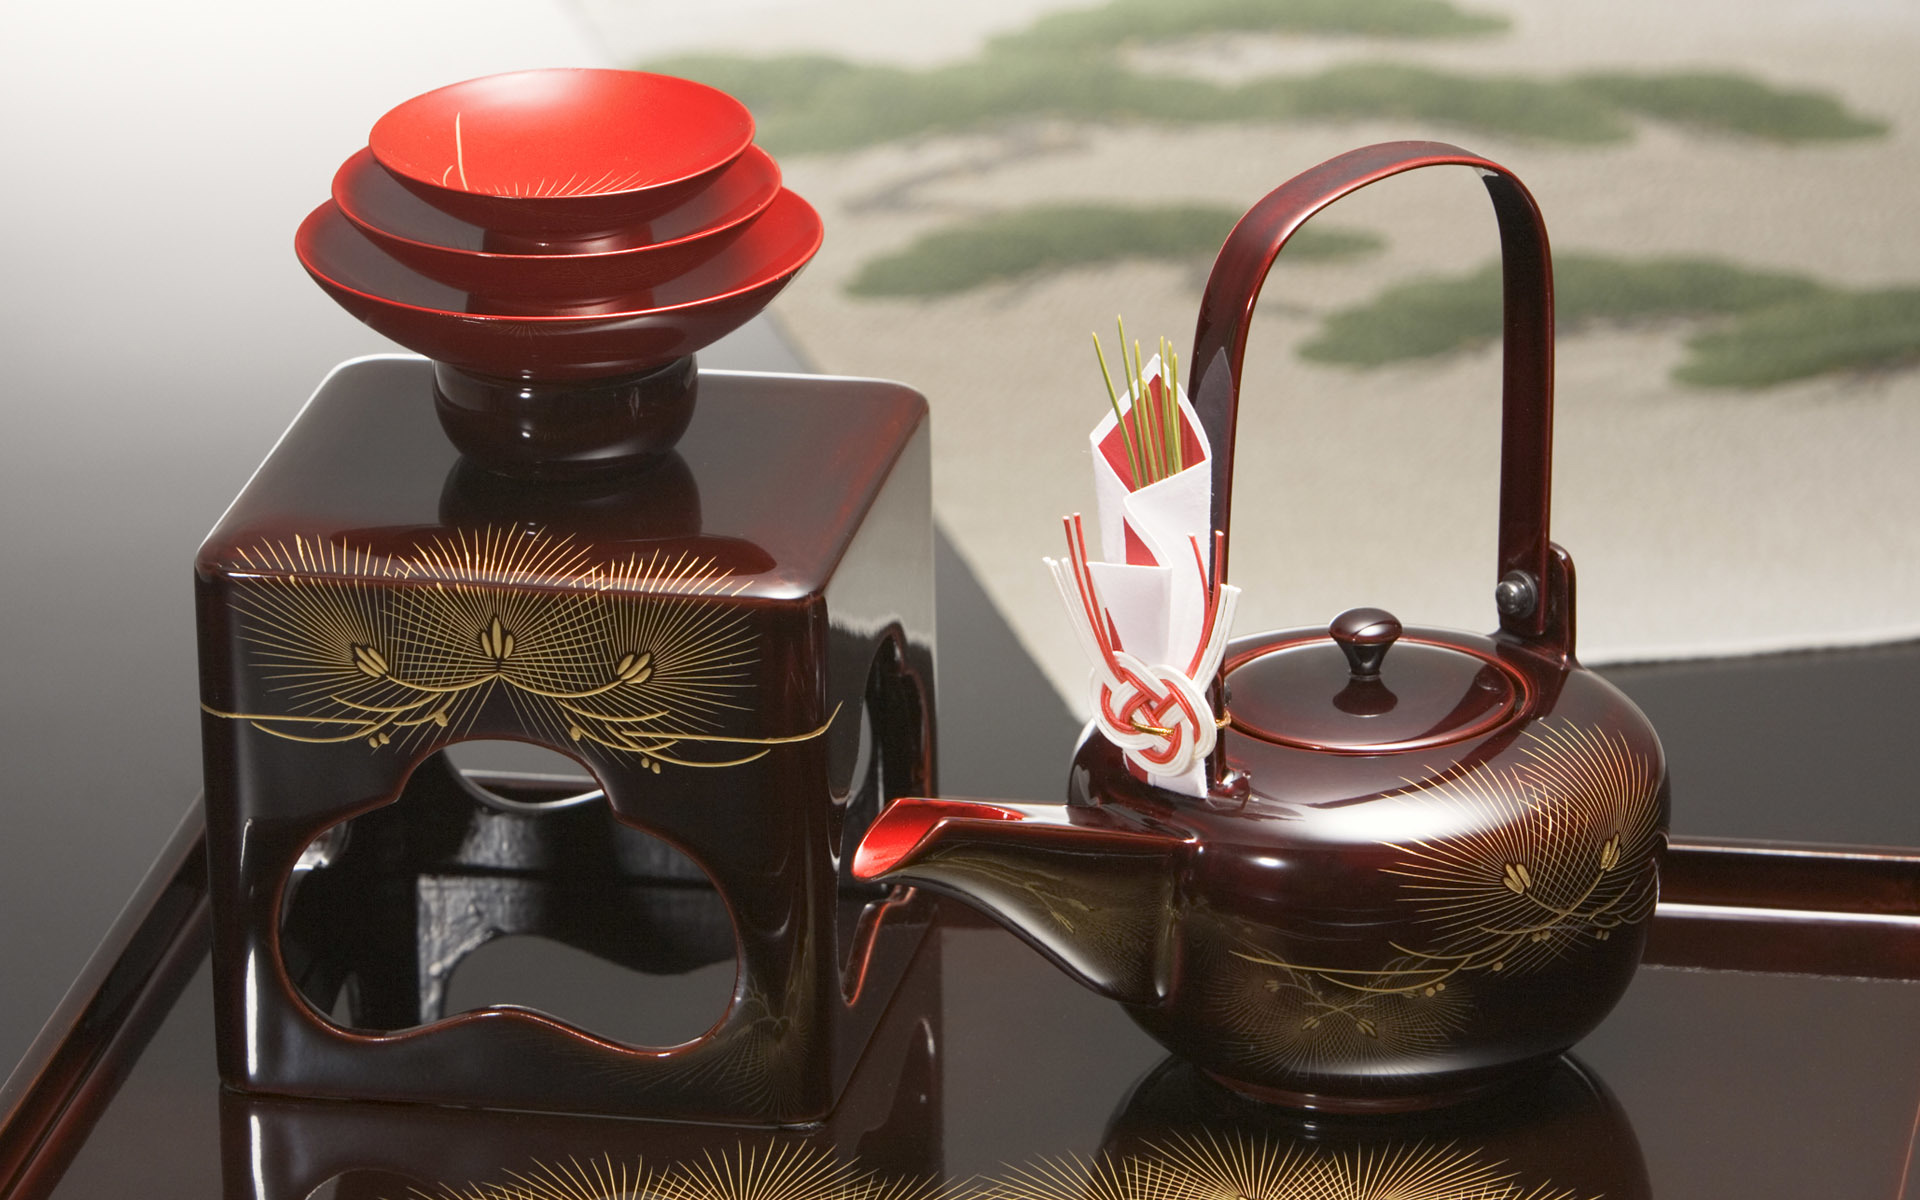 предметы для чайной церемонии картинки крайне неудобно, вводить